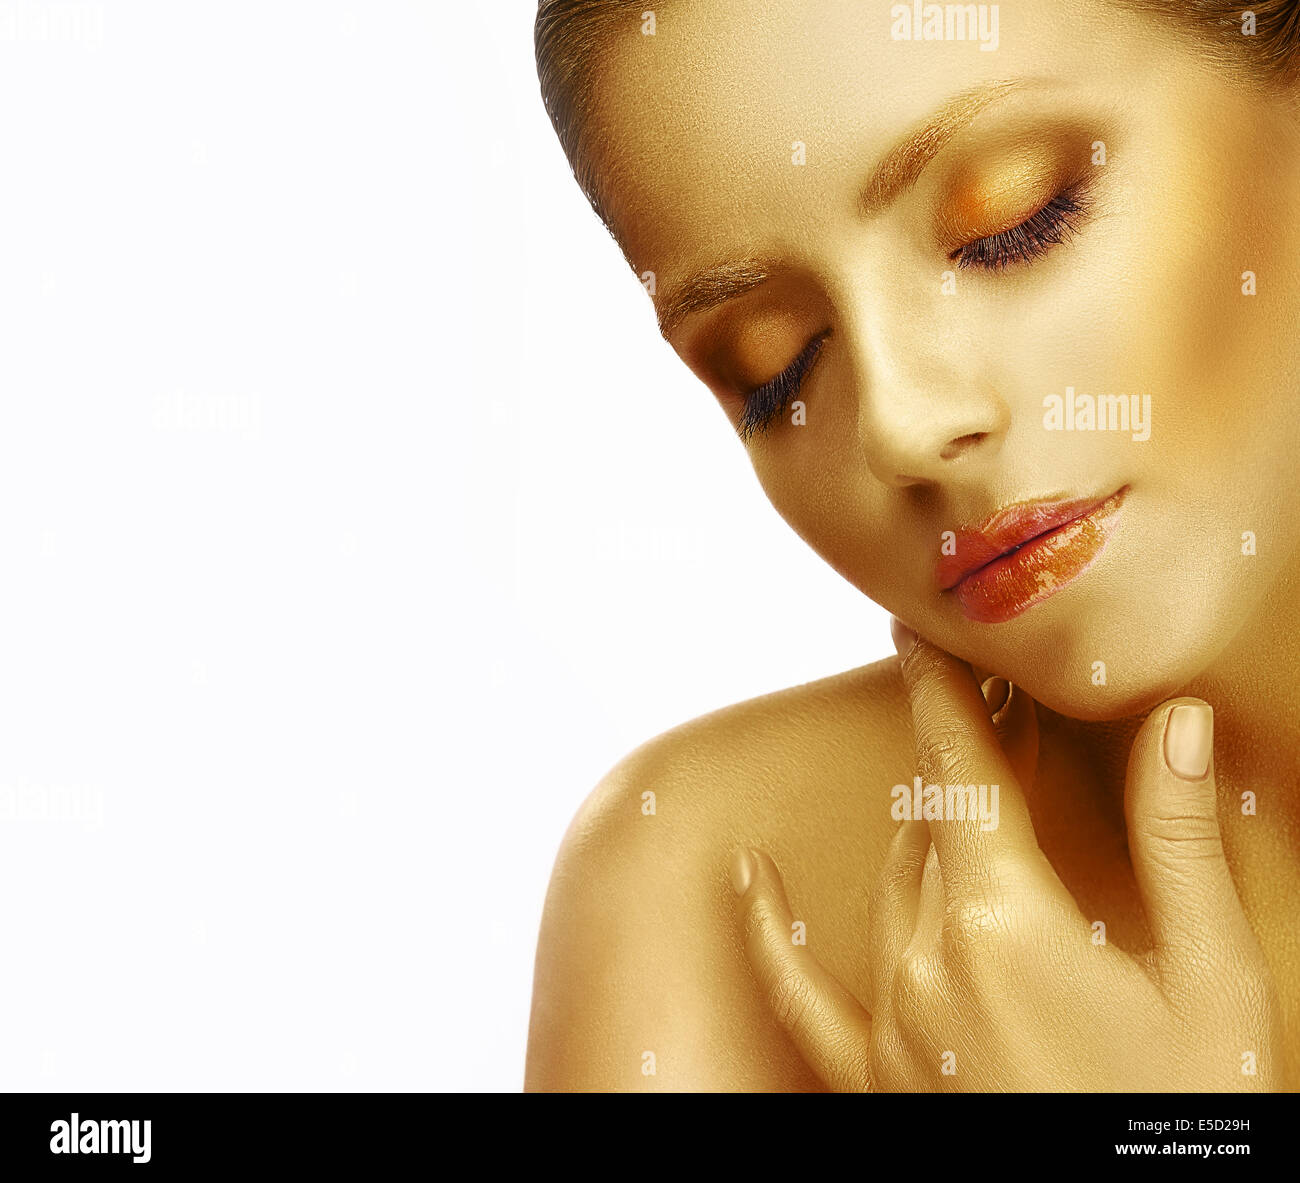 Sogni. Close up Ritratto di giovane donna con la pelle liscia come seta Immagini Stock